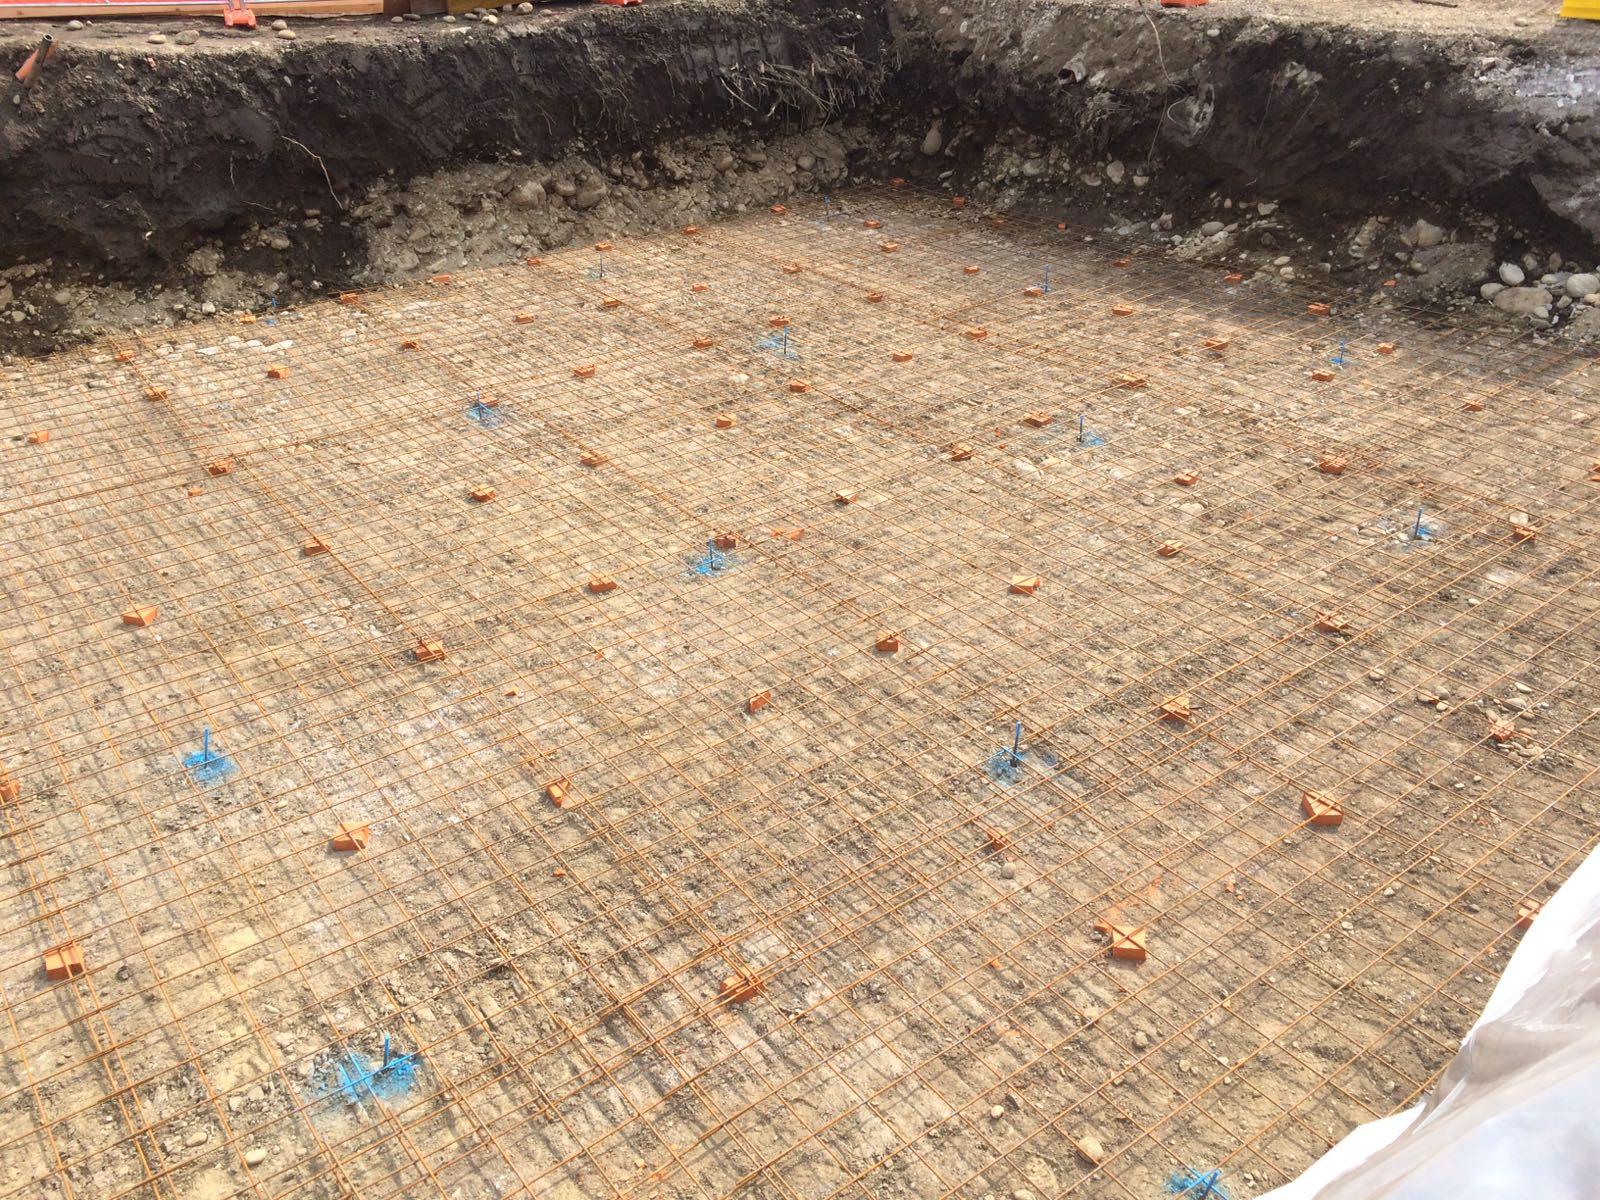 reticolato in ferro sul terreno prima di buttare cemento